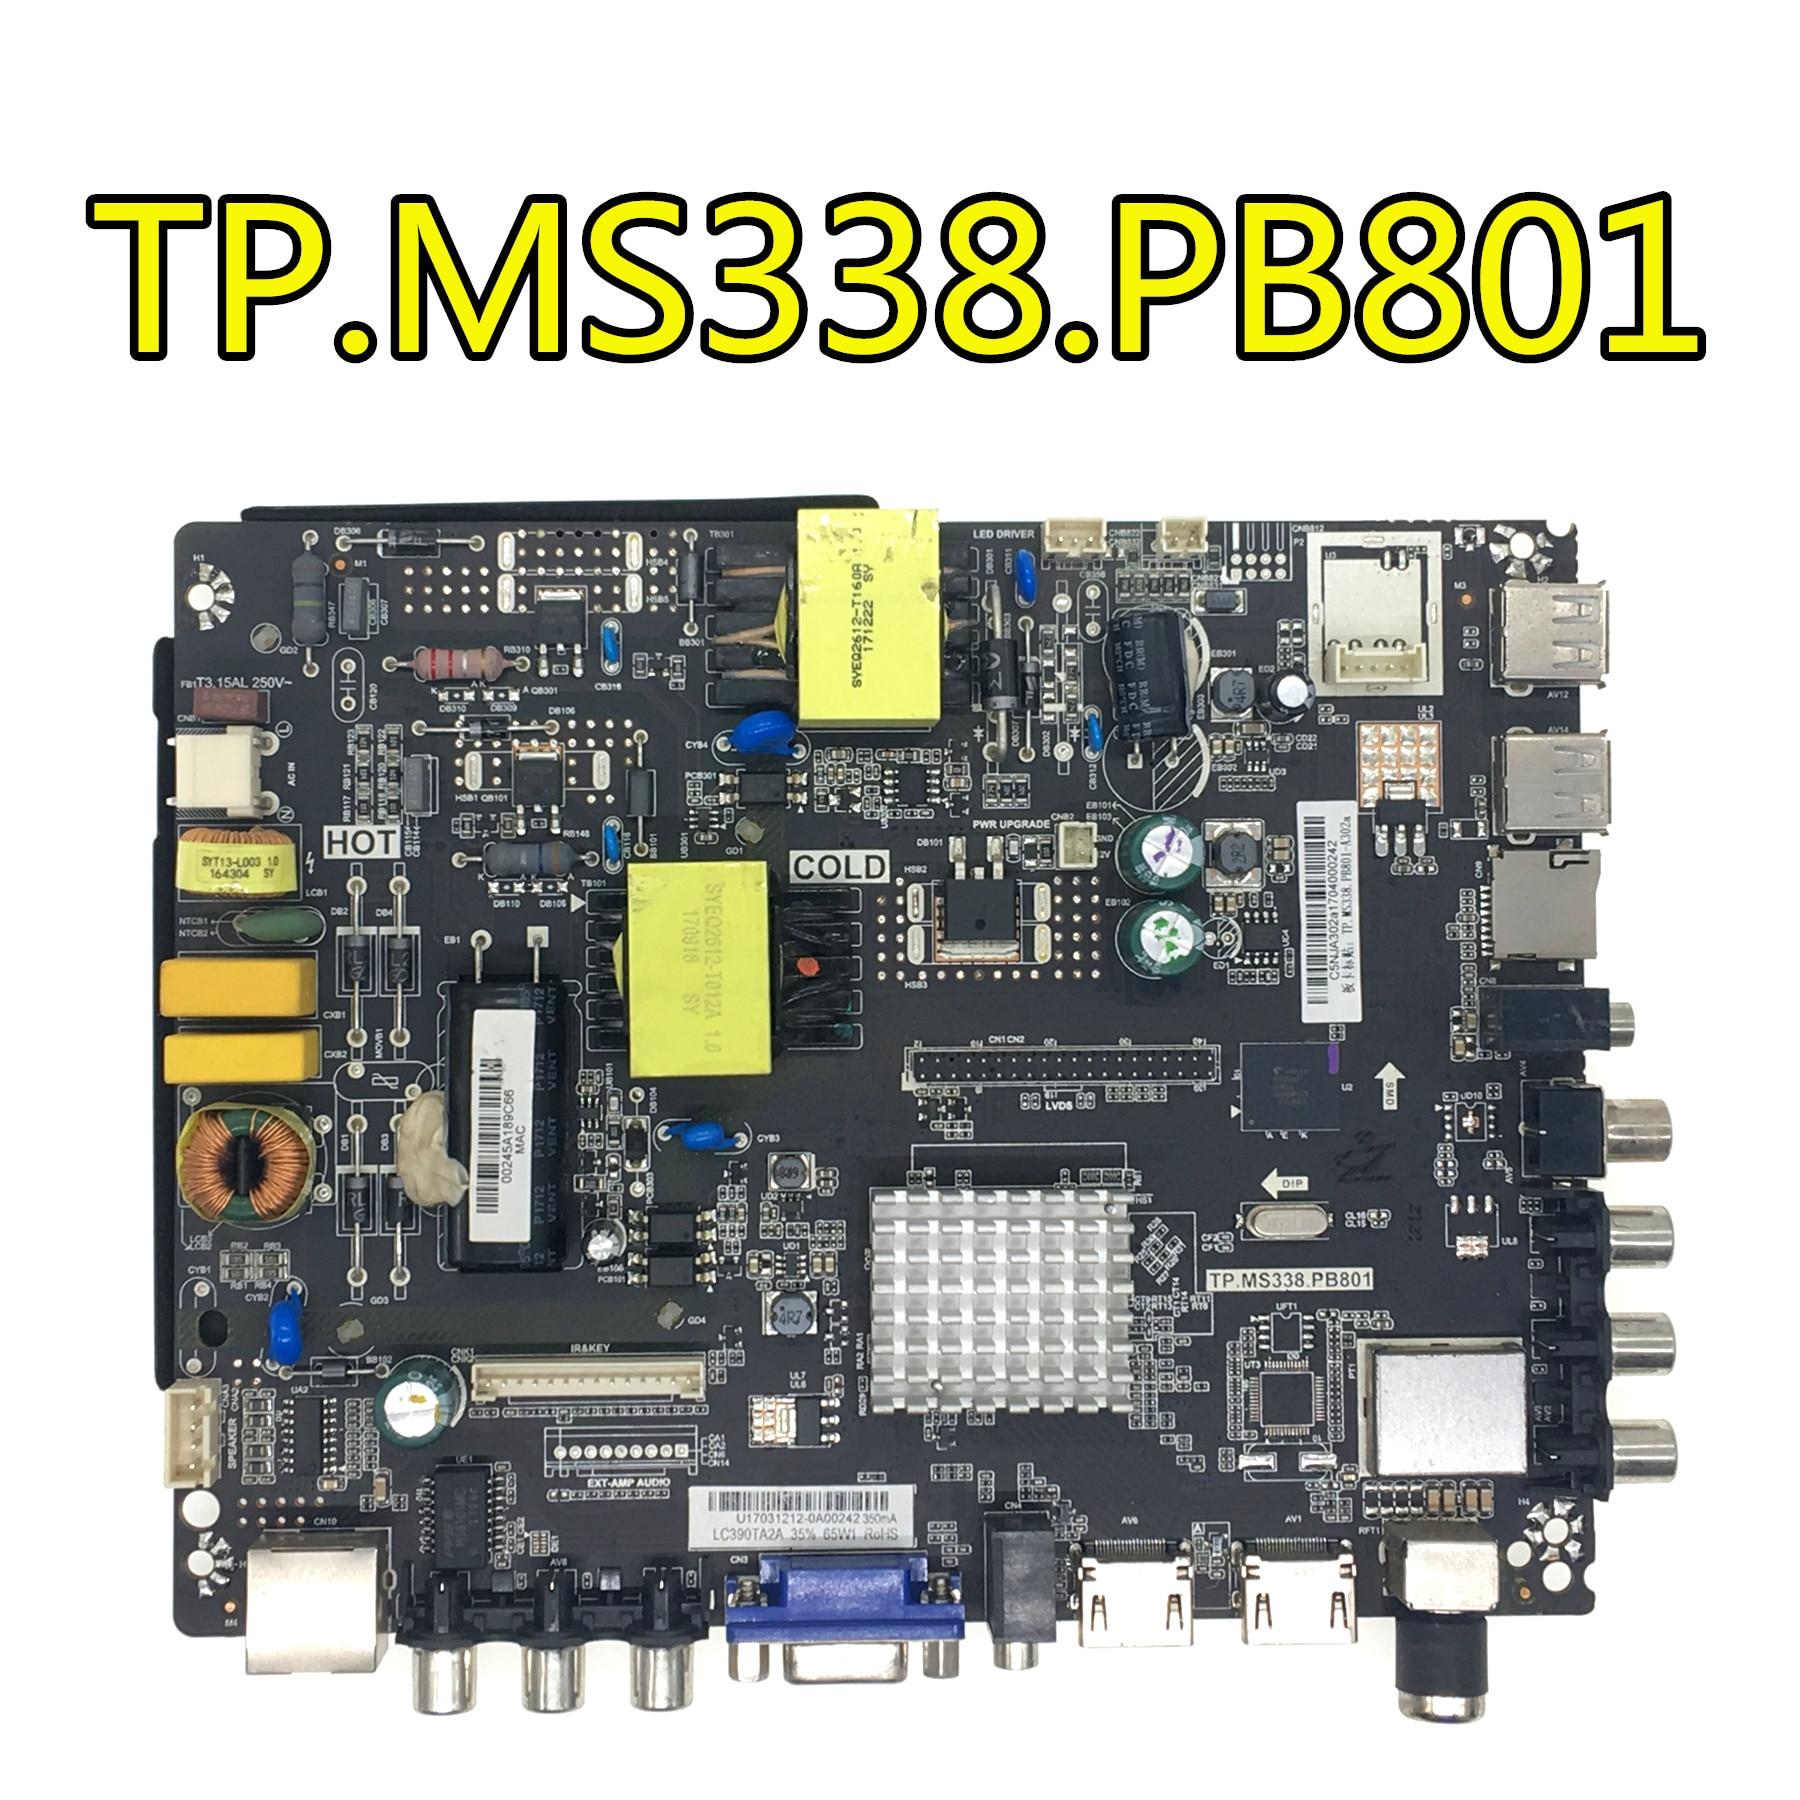 Nouveau et original pour LEHUA TP. MS338.PB801 Android smart TV trois en un réseau carte mère travail divers écrans.